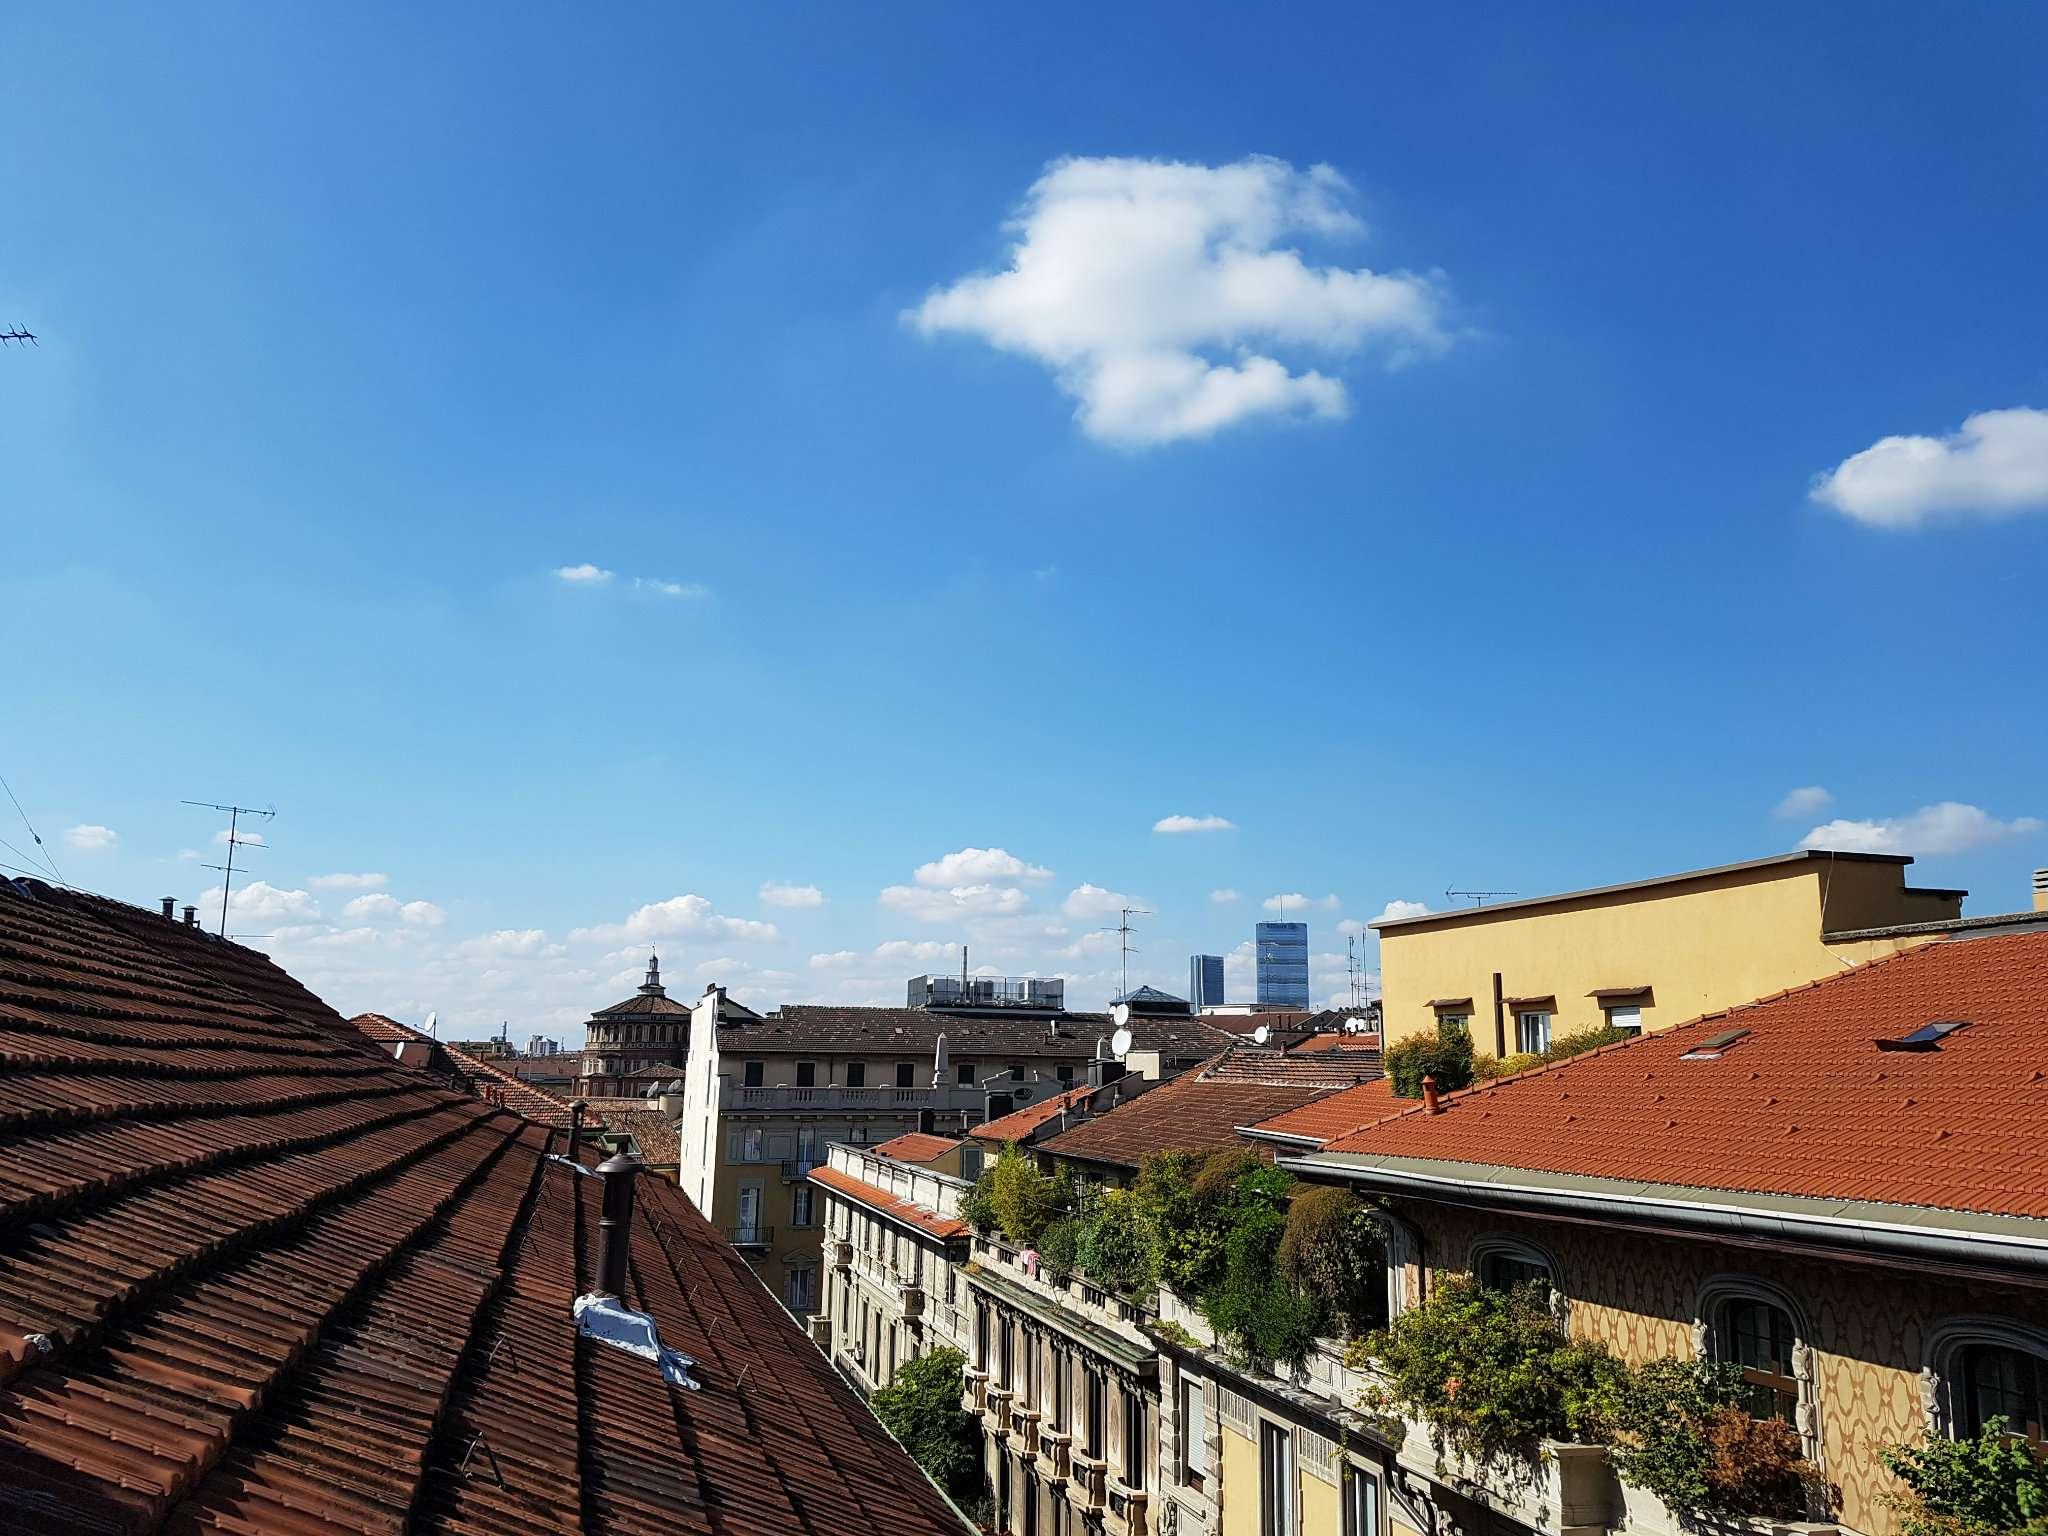 Appartamento in affitto a Milano, 2 locali, zona Zona: 1 . Centro Storico, Duomo, Brera, Cadorna, Cattolica, prezzo € 1.900 | CambioCasa.it